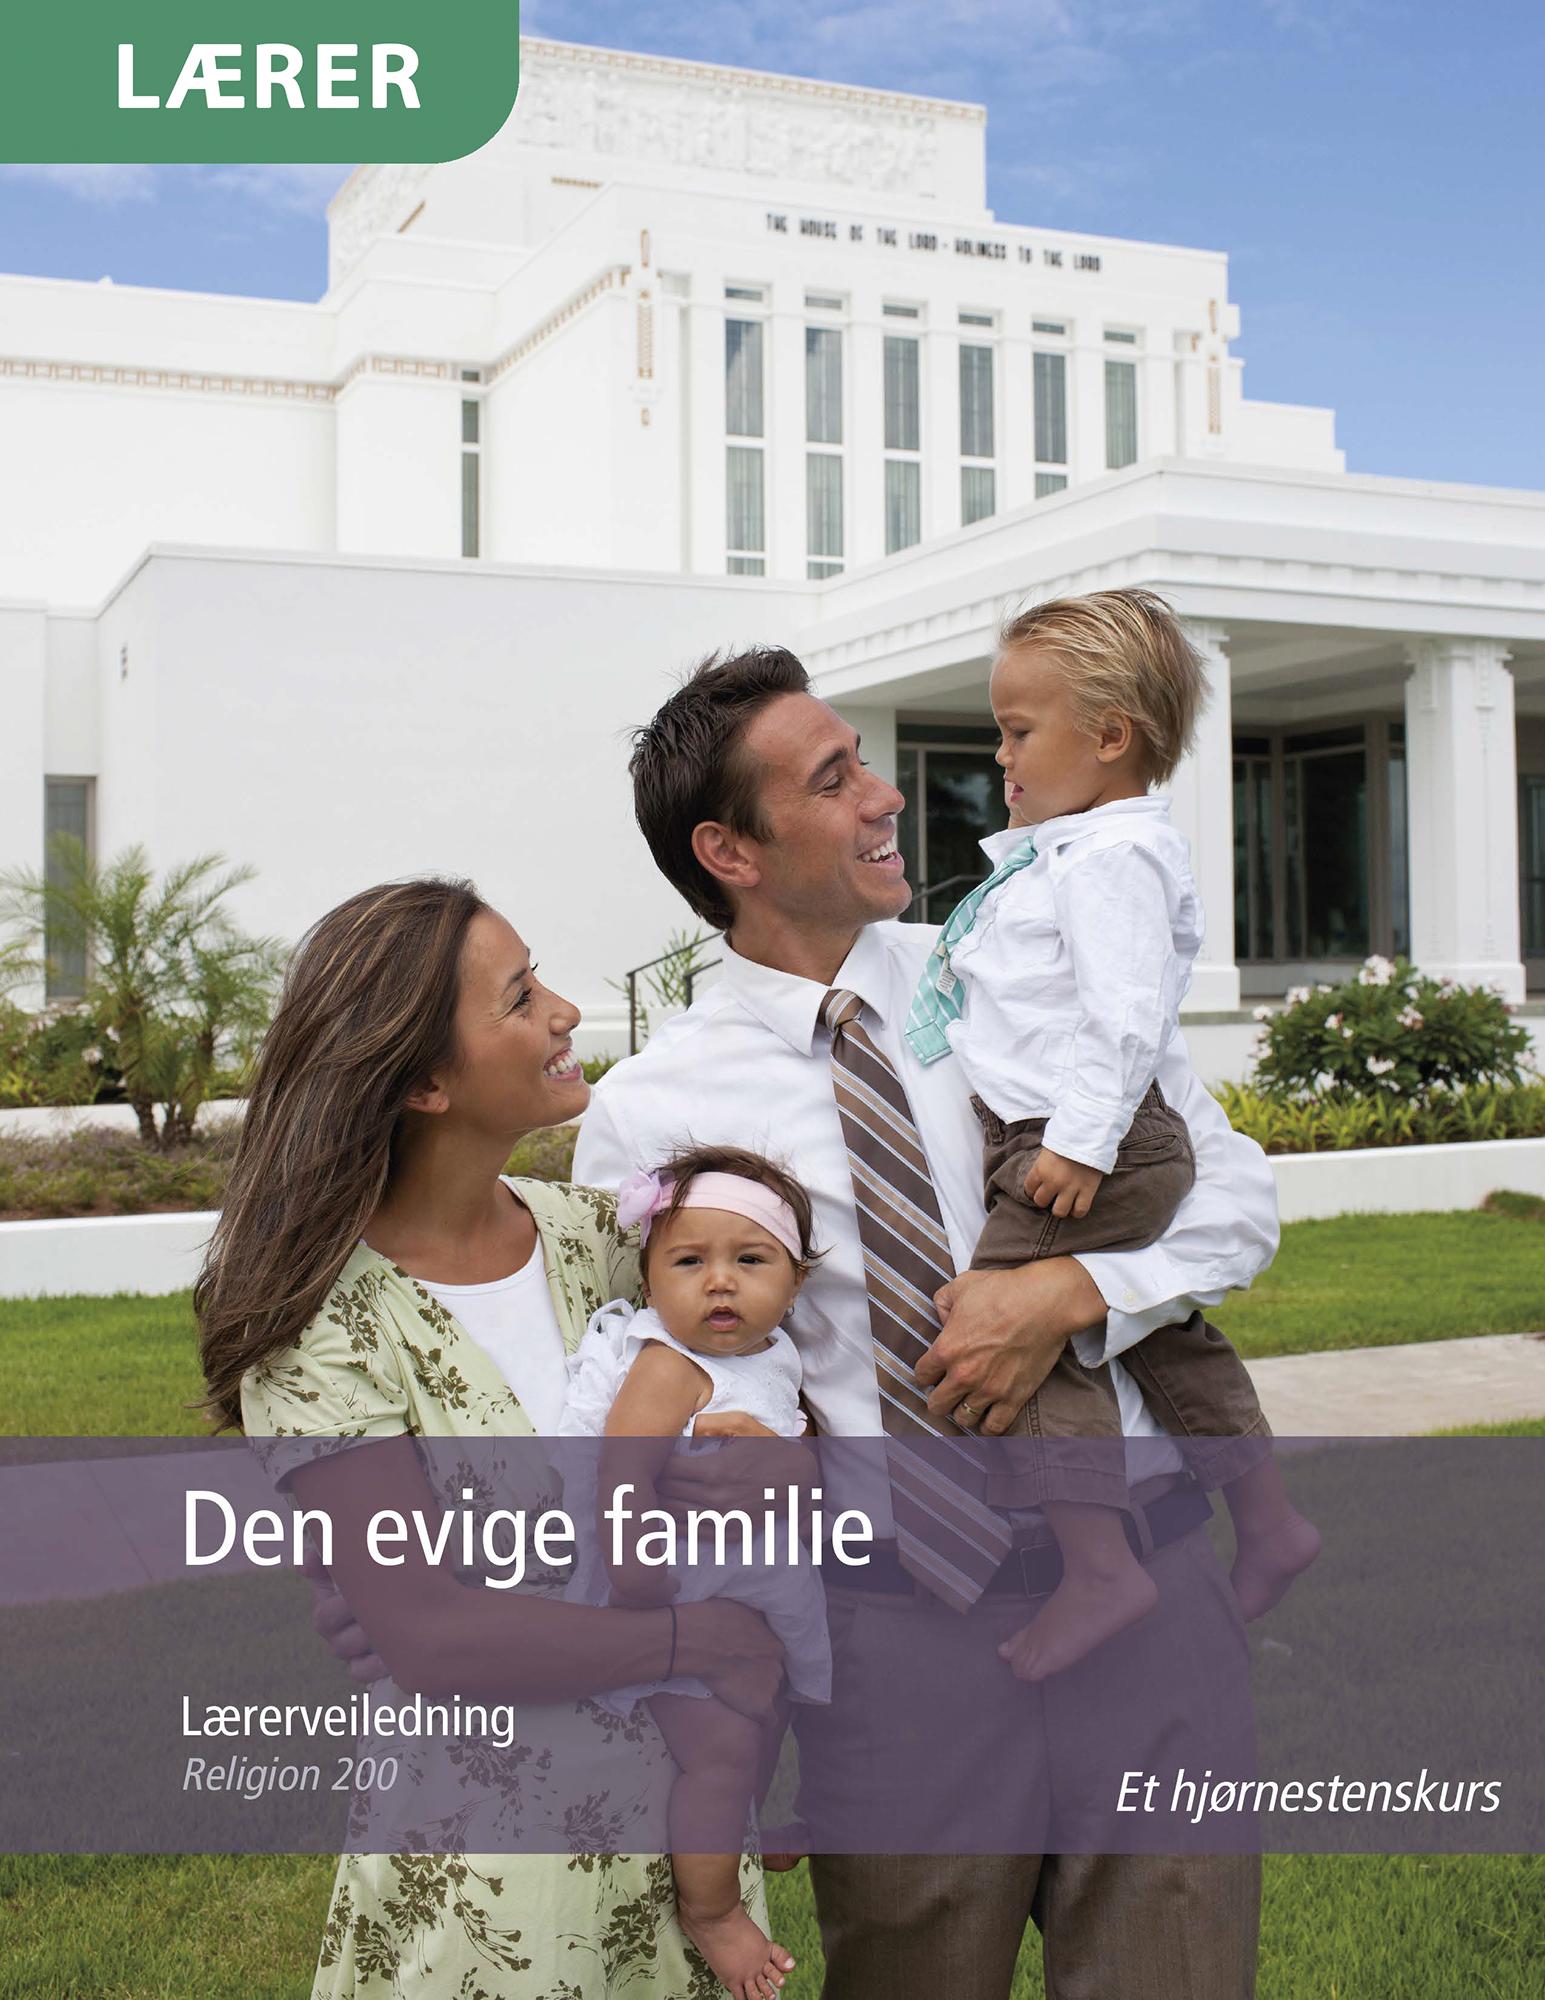 Den evige familie – Lærerhåndbok (Religion 200)